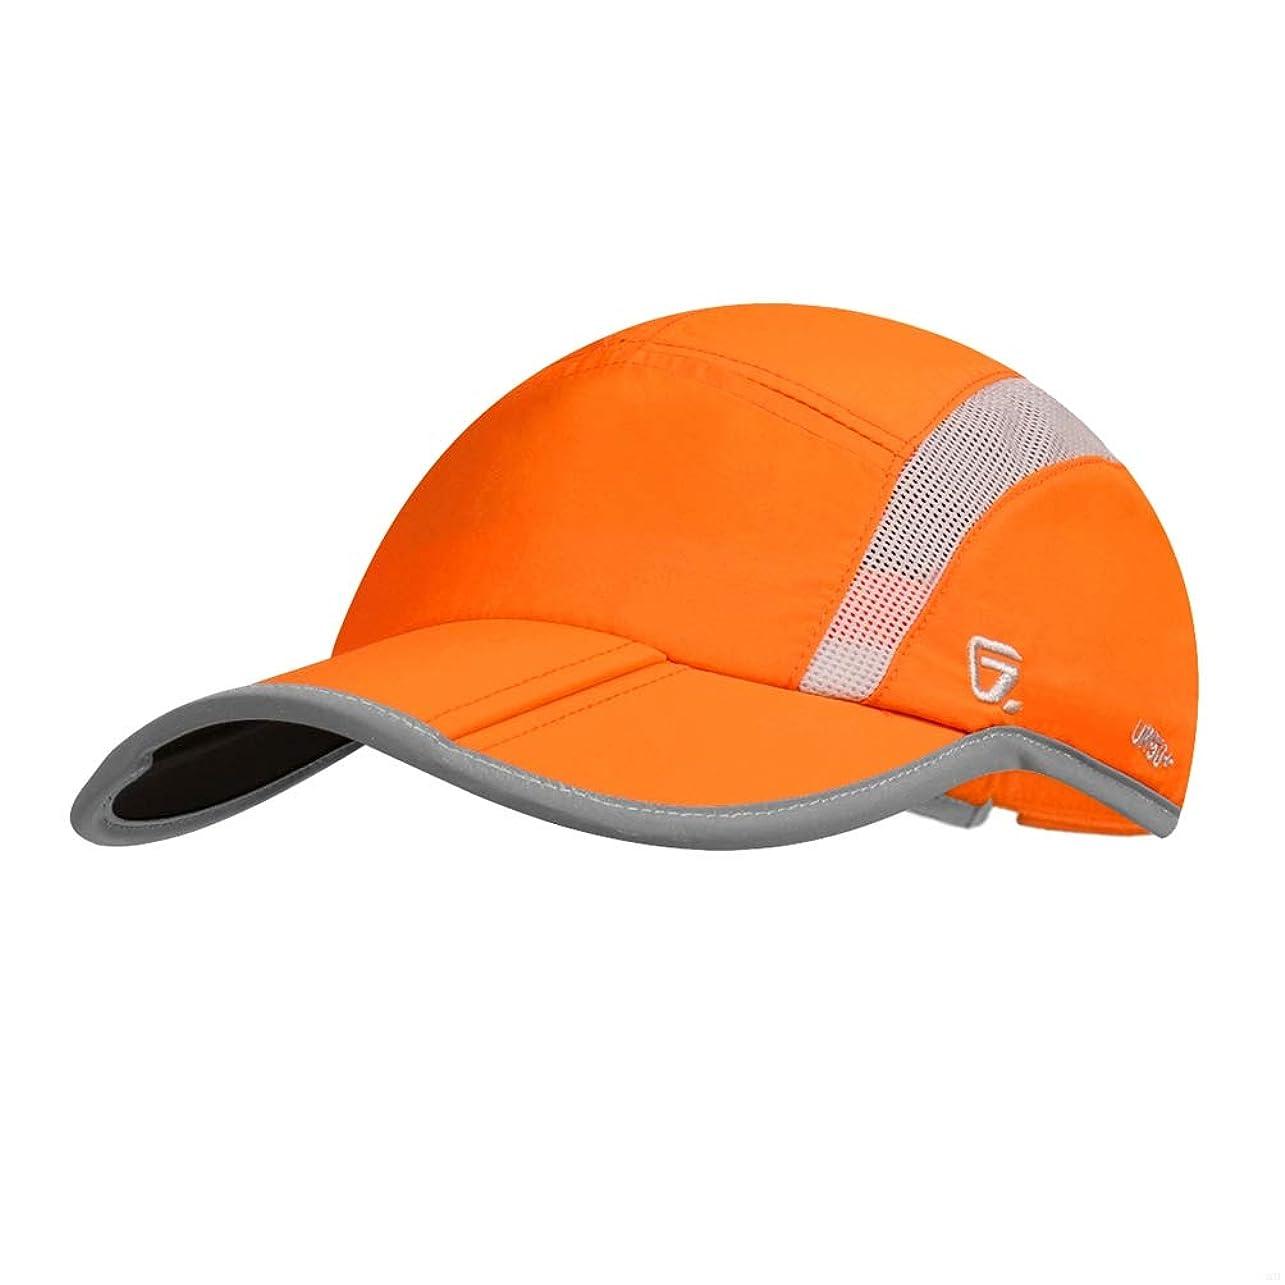 円周つまらないオーナメントGADIEMKENSD 速乾性 帽子 折り畳み 登山 軽量 通気性 ソフト メッシュキャップ メンズ レディース